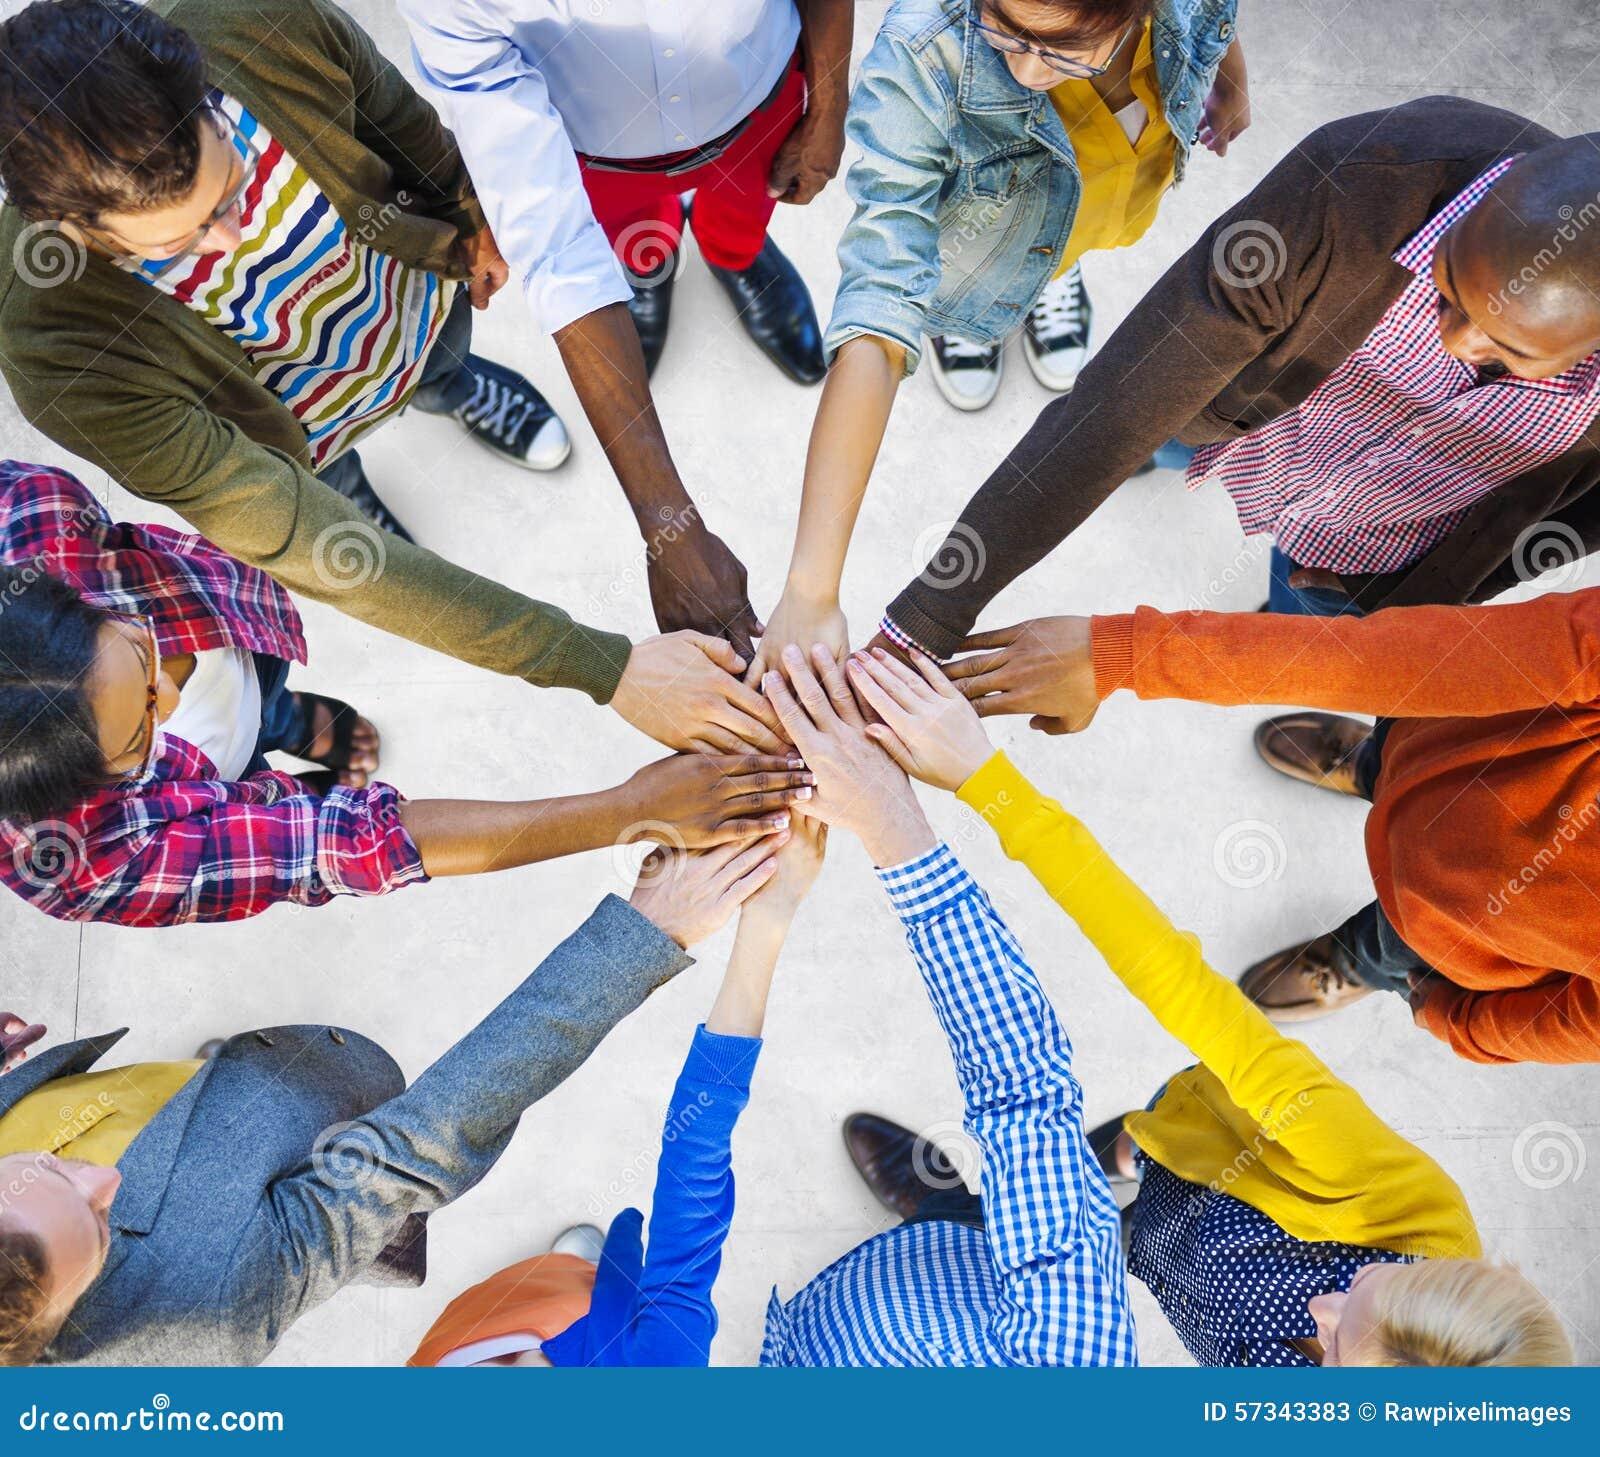 Drużynowy Korporacyjny praca zespołowa współpracy pomocy pojęcie